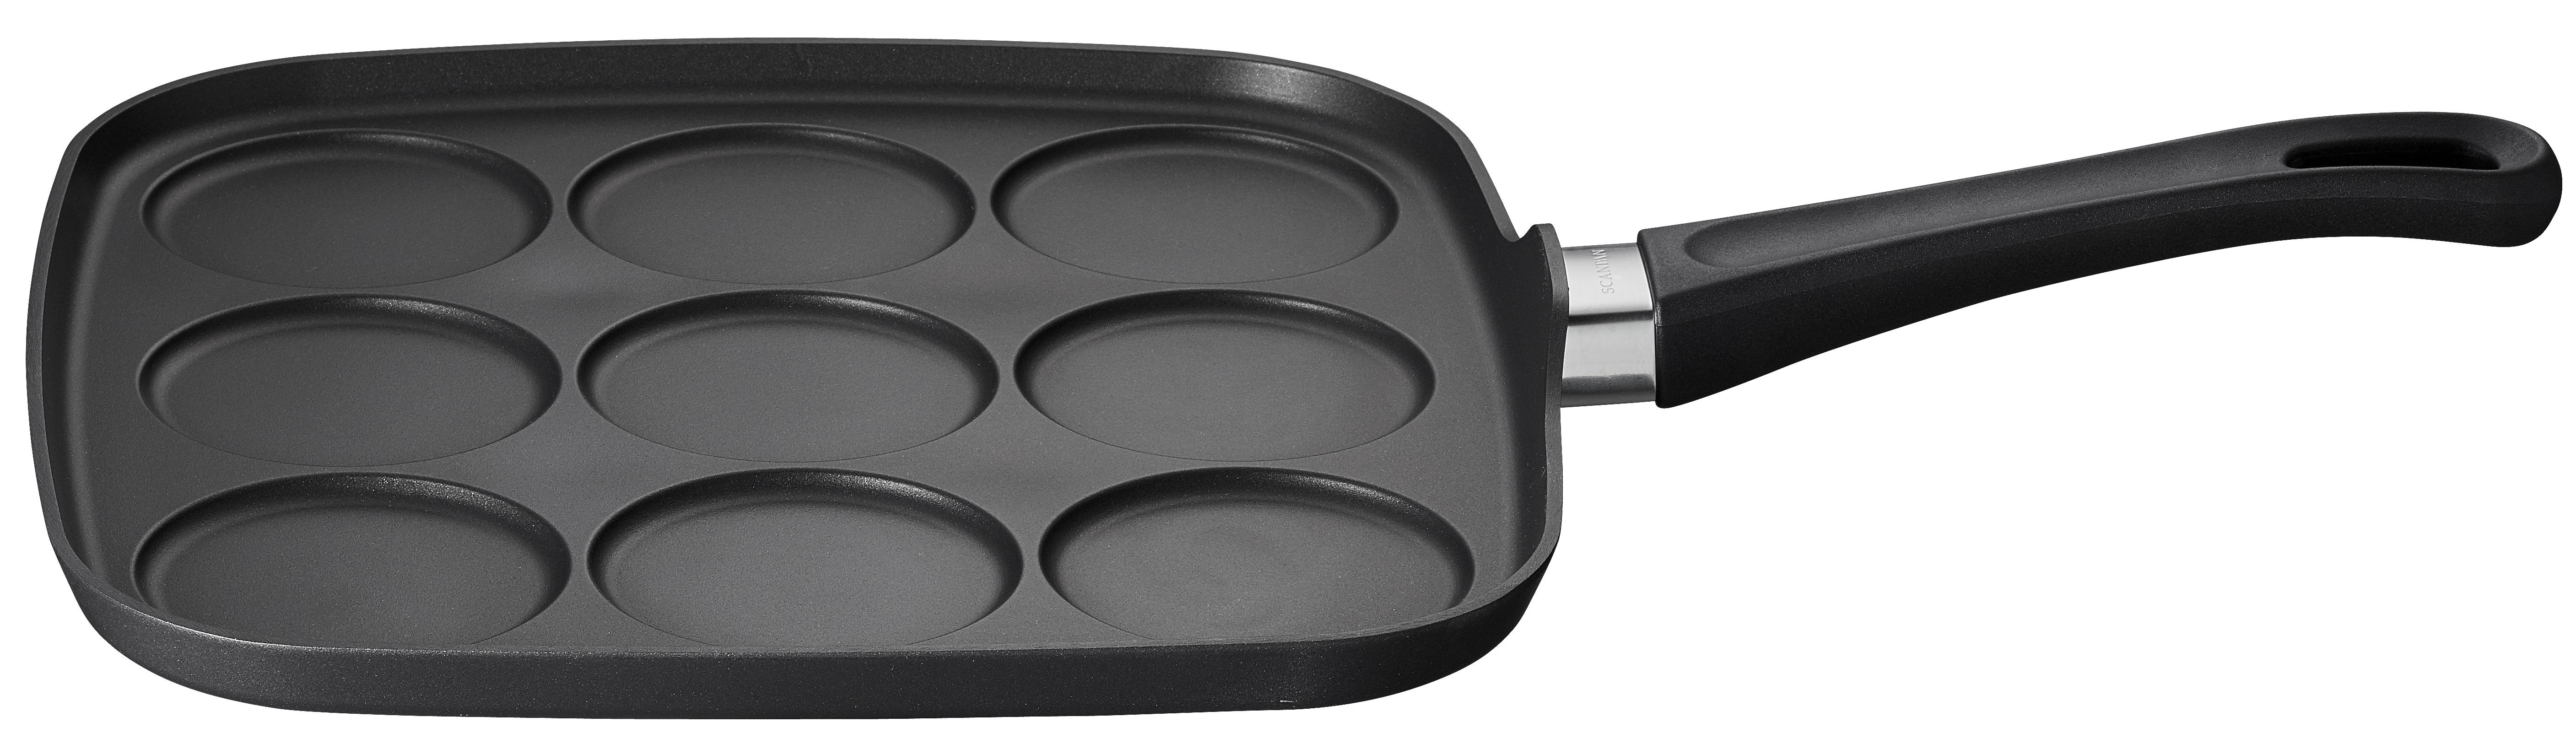 Mini Pancake/Blinis Pan, 9 pcs. - Classic,